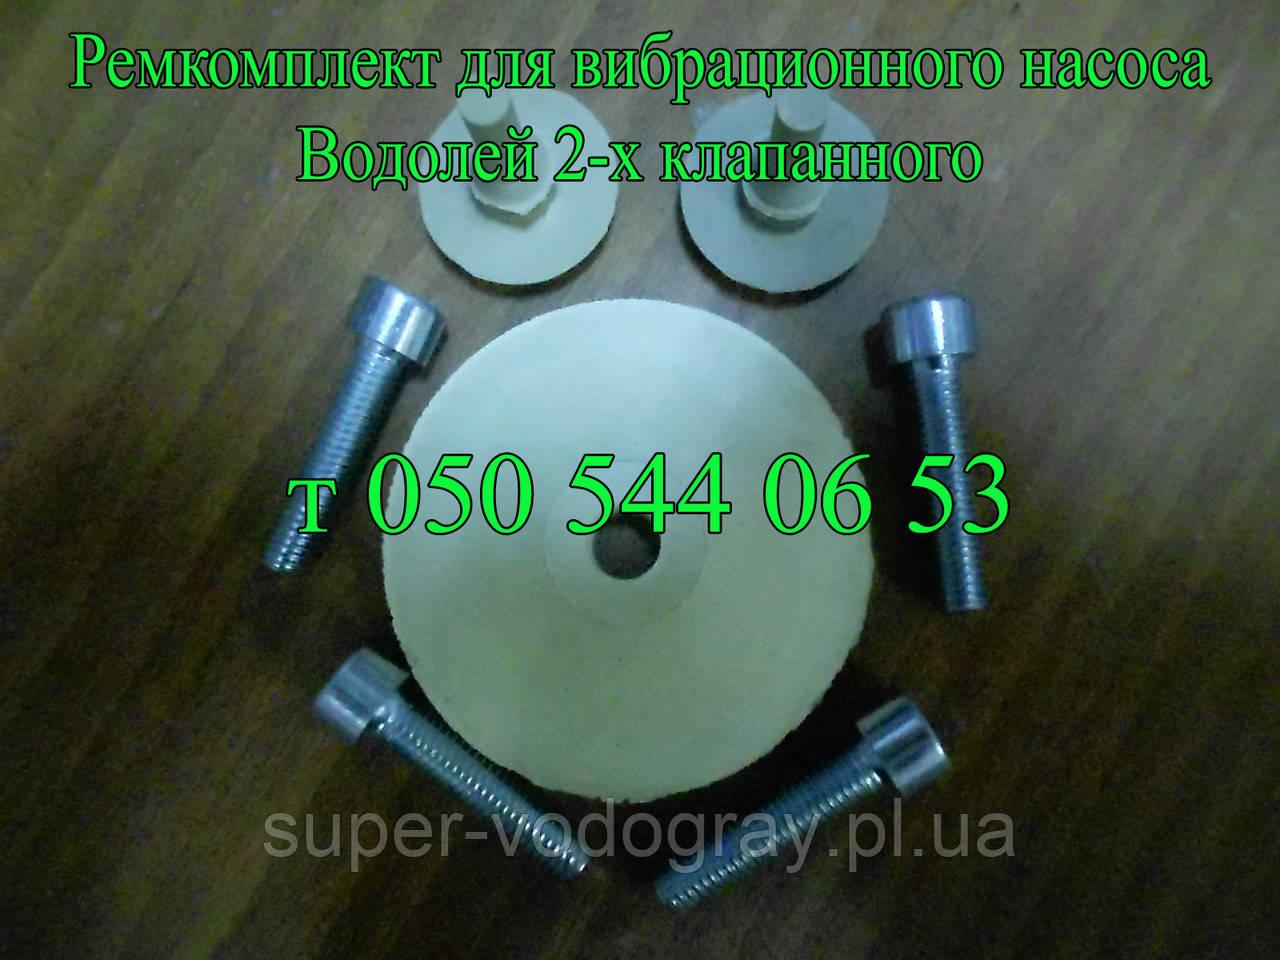 Ремкомплект для вибрационного насоса Водолей 2-х клапанный